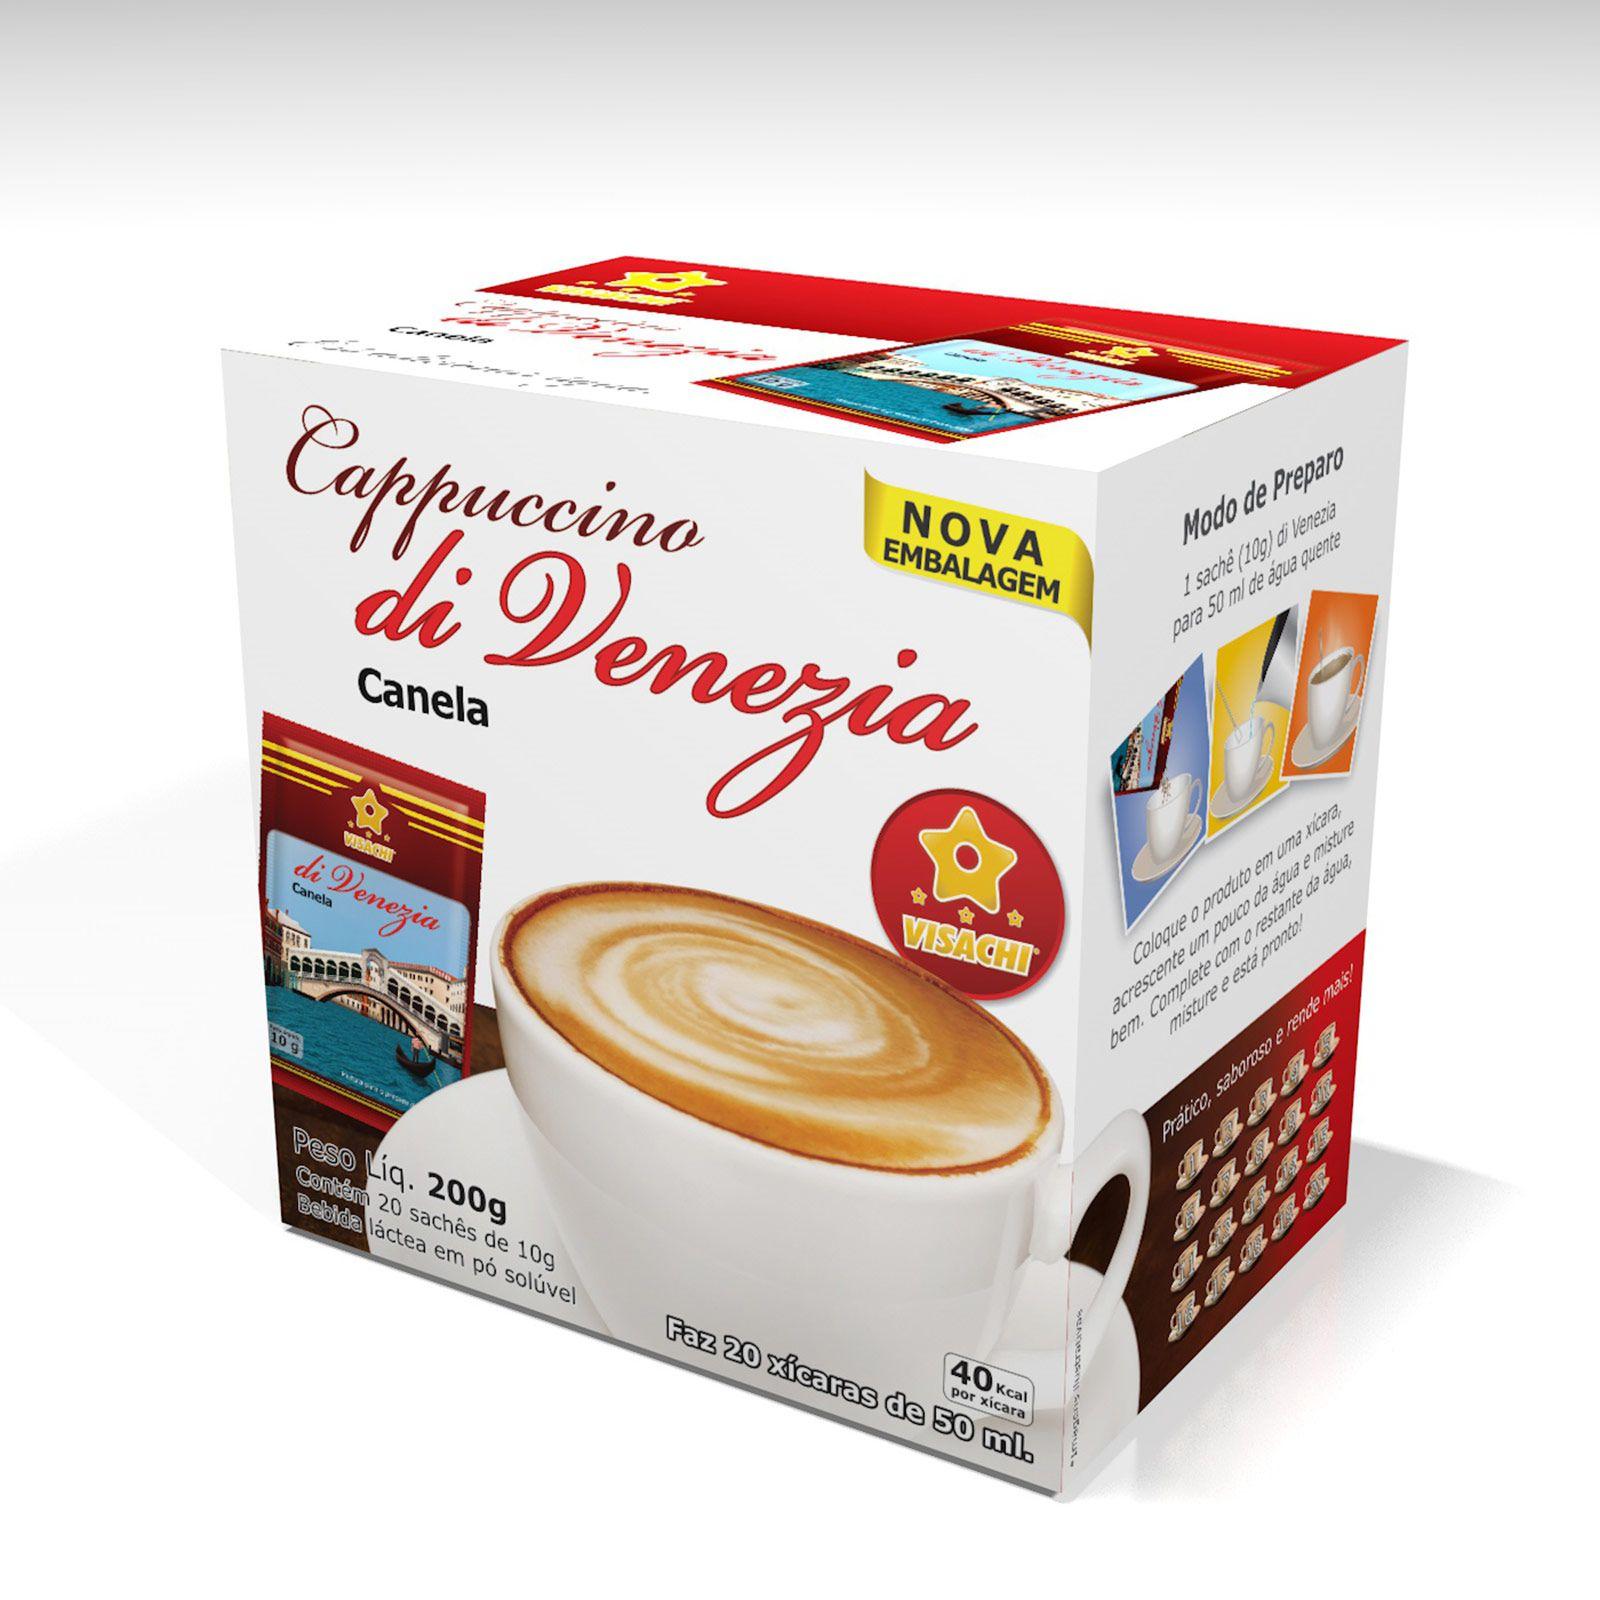 Mini Box Cappuccino com Canela di Venezia Sachês - 20 unidades  - Visachi Alimentos